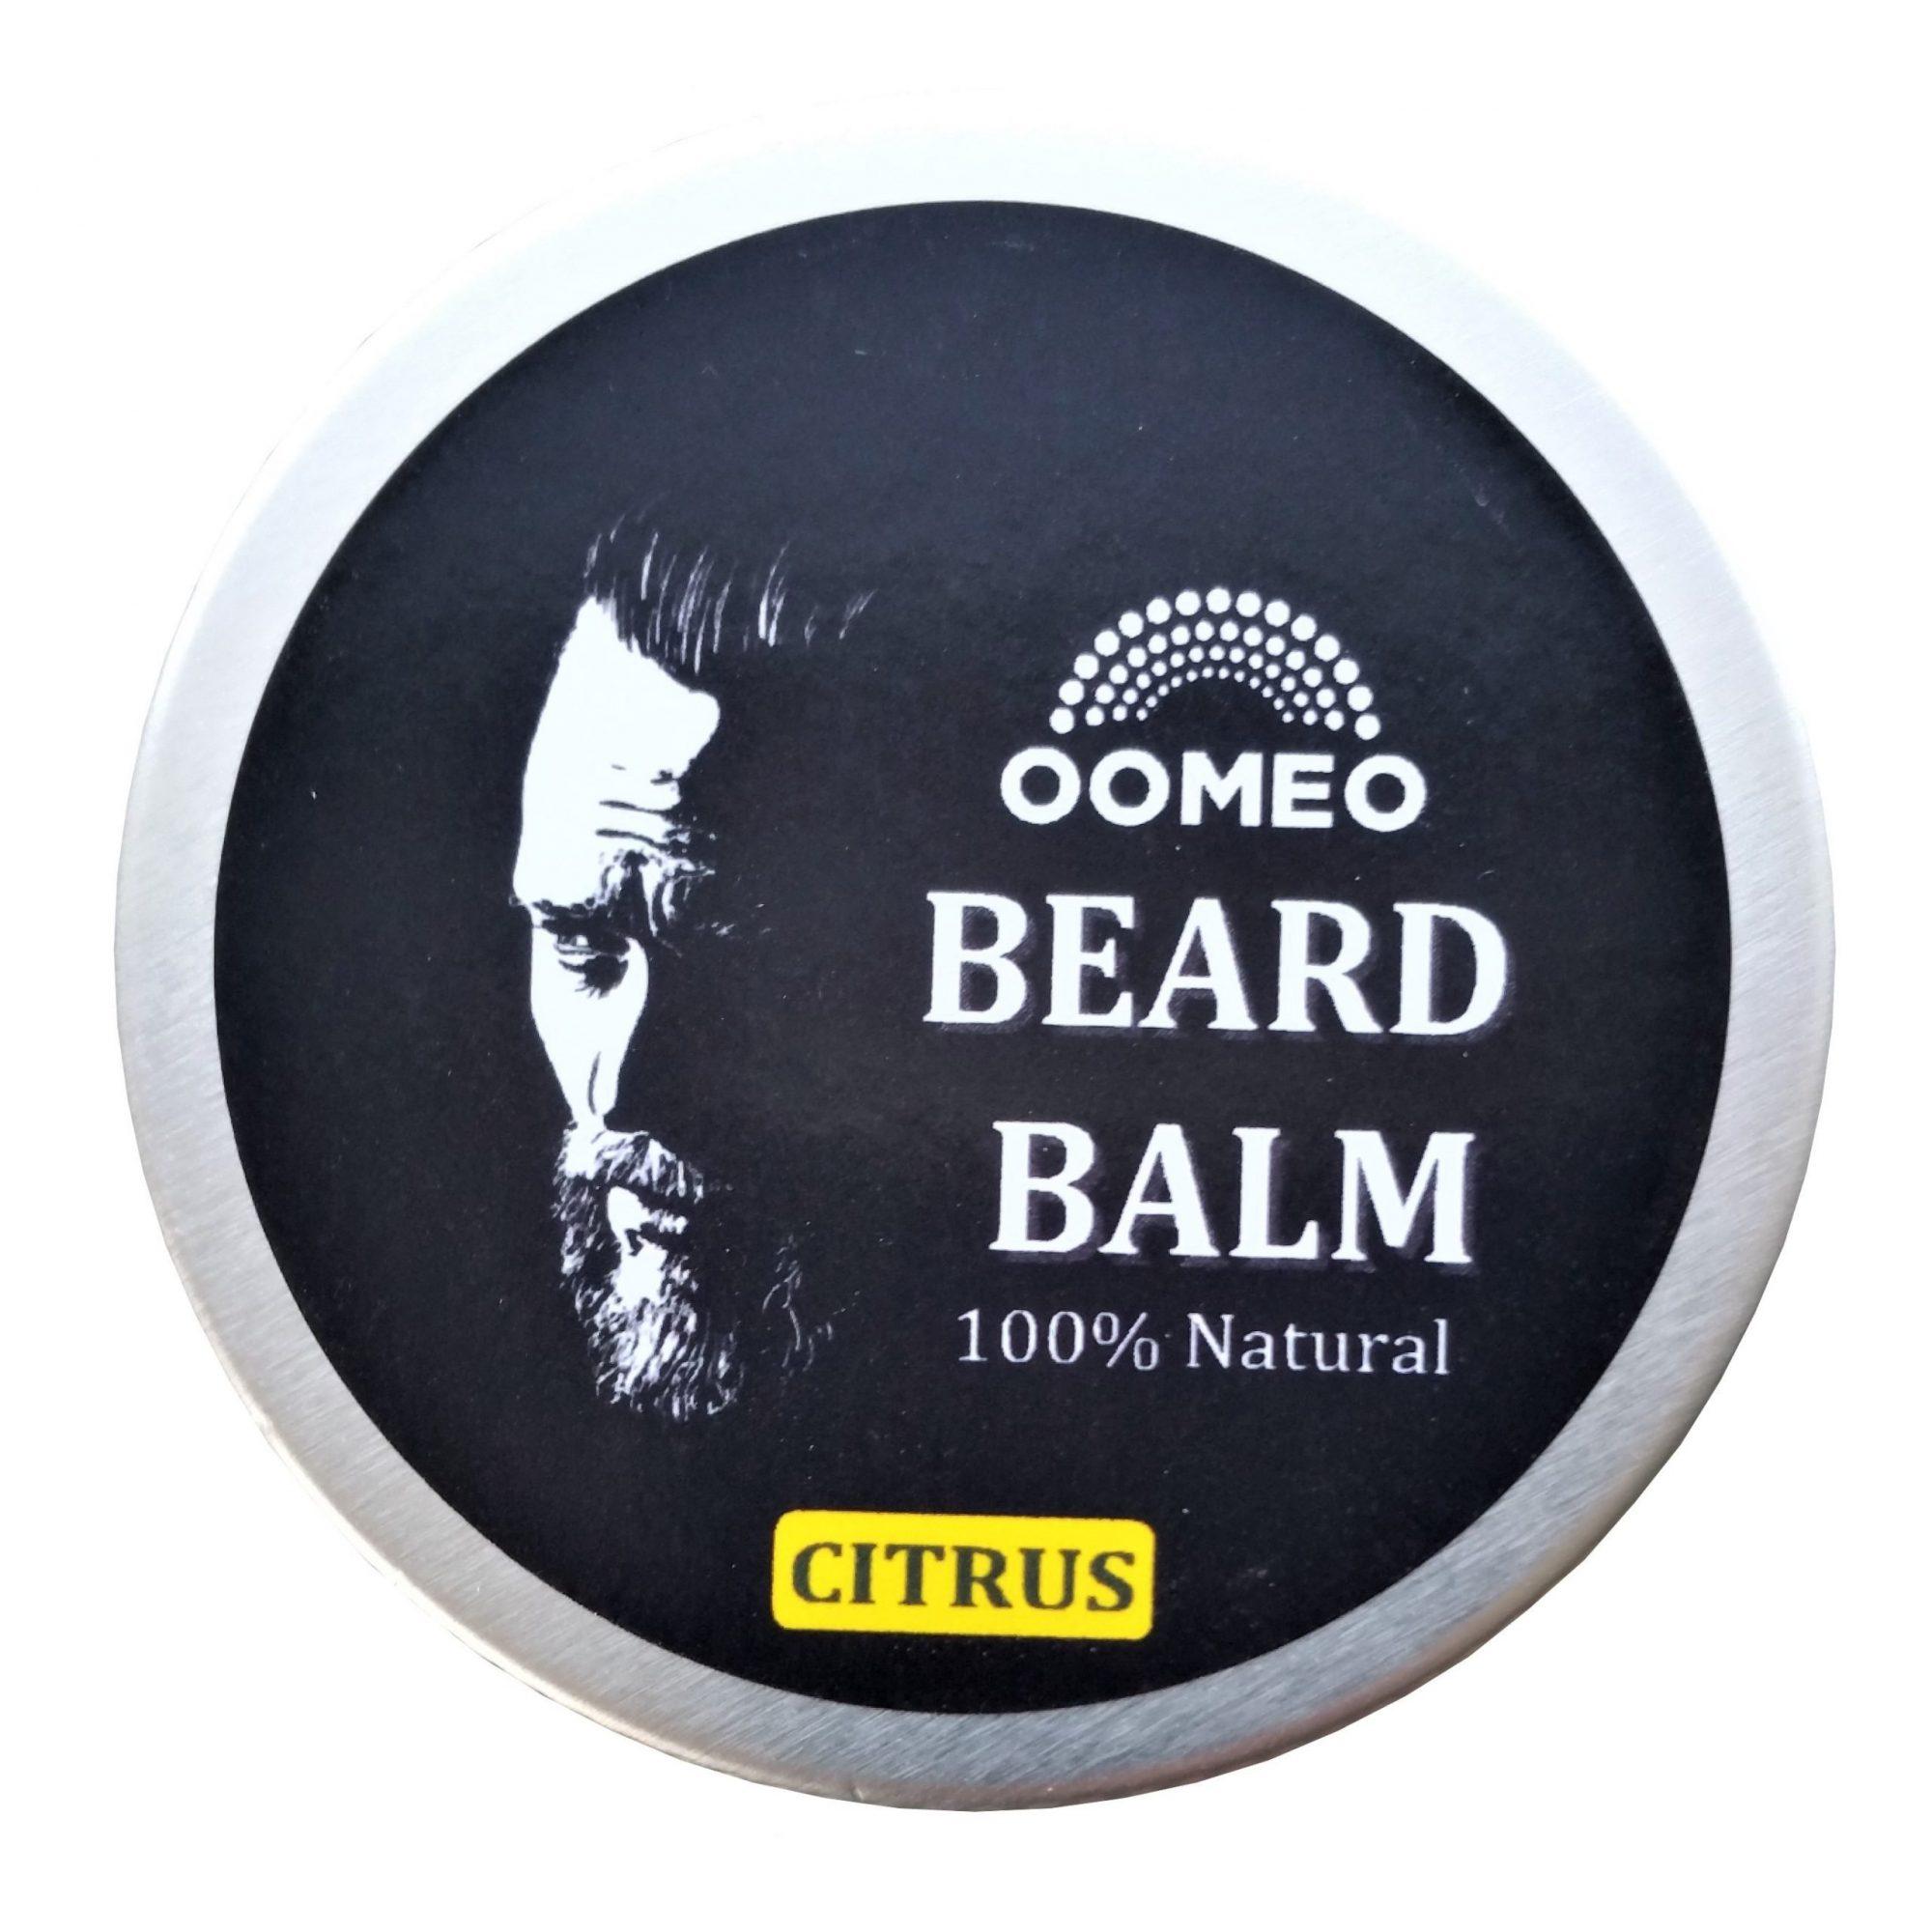 25g Citrus Beard Balm